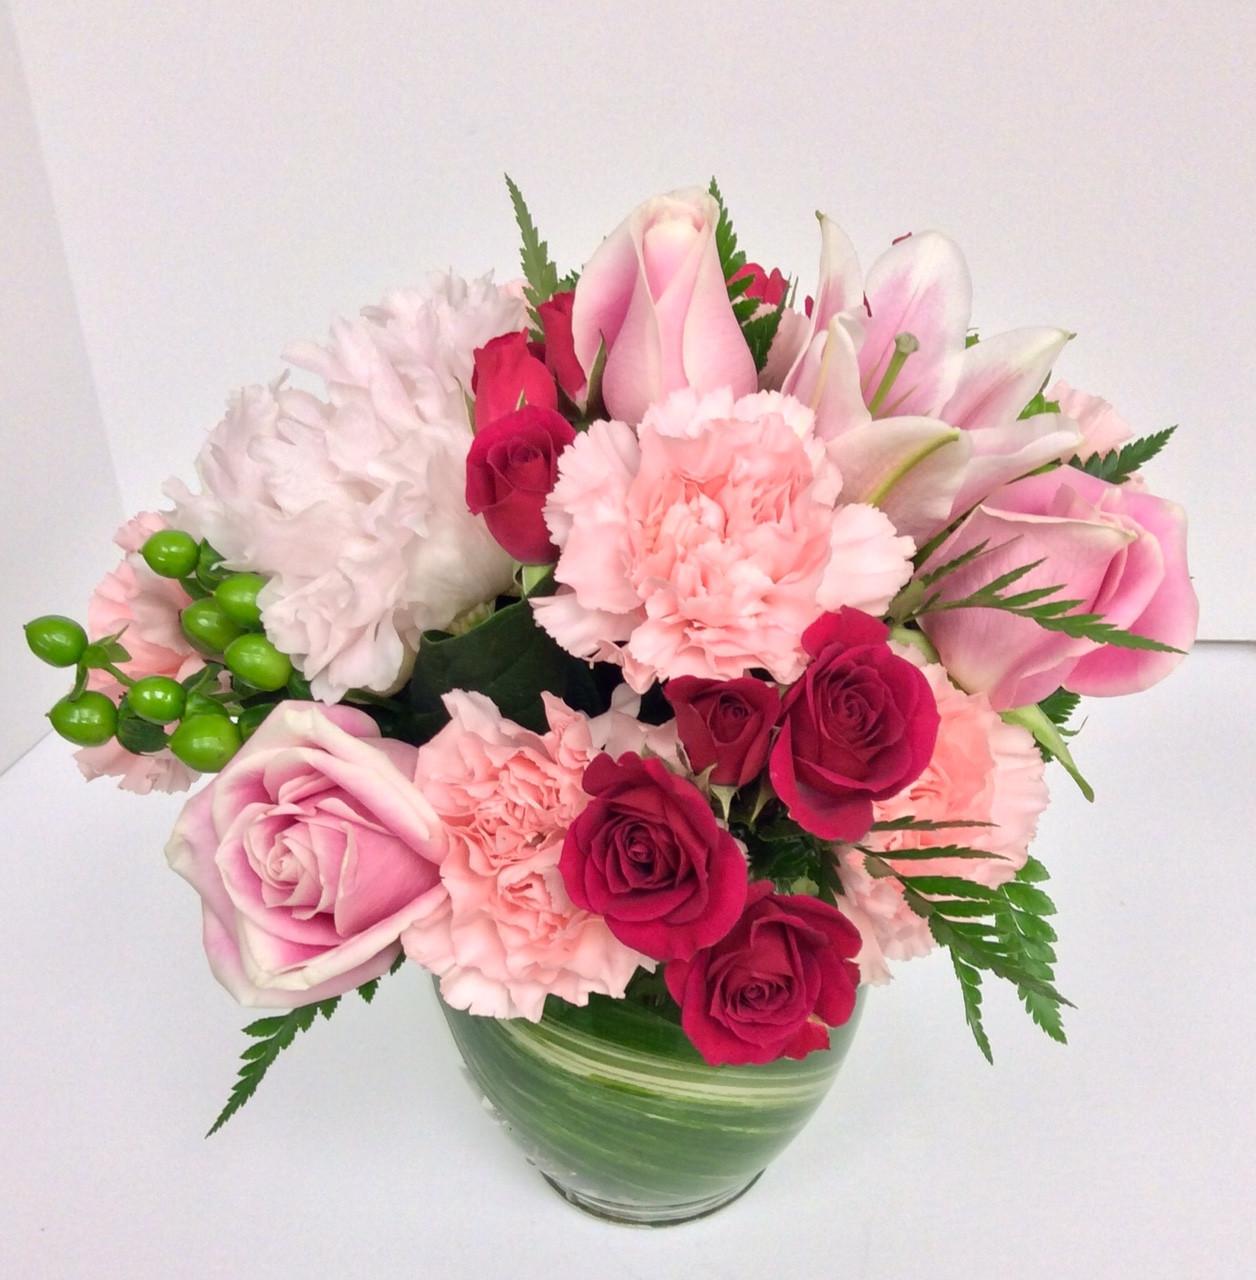 Bubble Gum And Cotton Candy Vase Centerville Florists